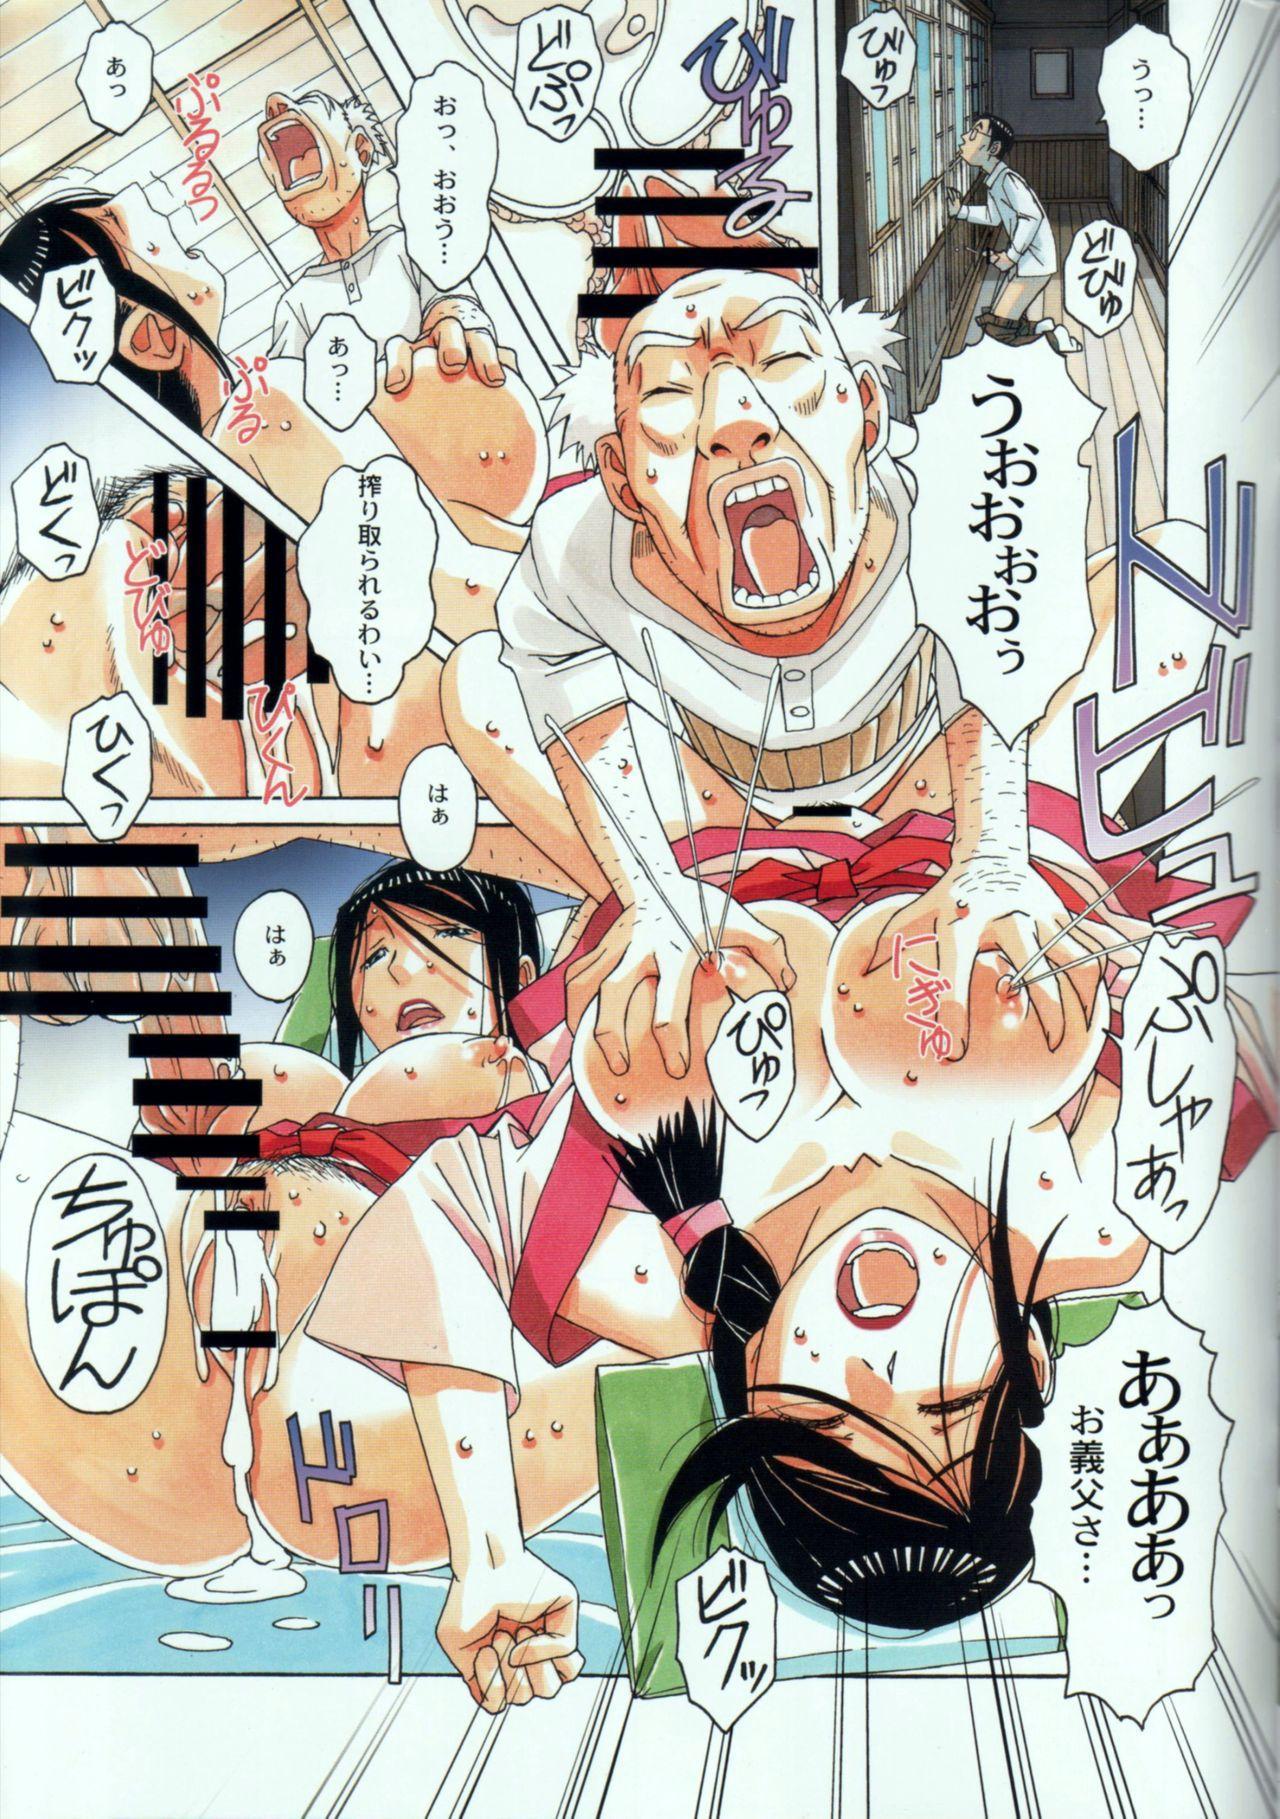 Kainuma Mura no Seikatsu Jijou 1 Gifuyome Chigusa 34